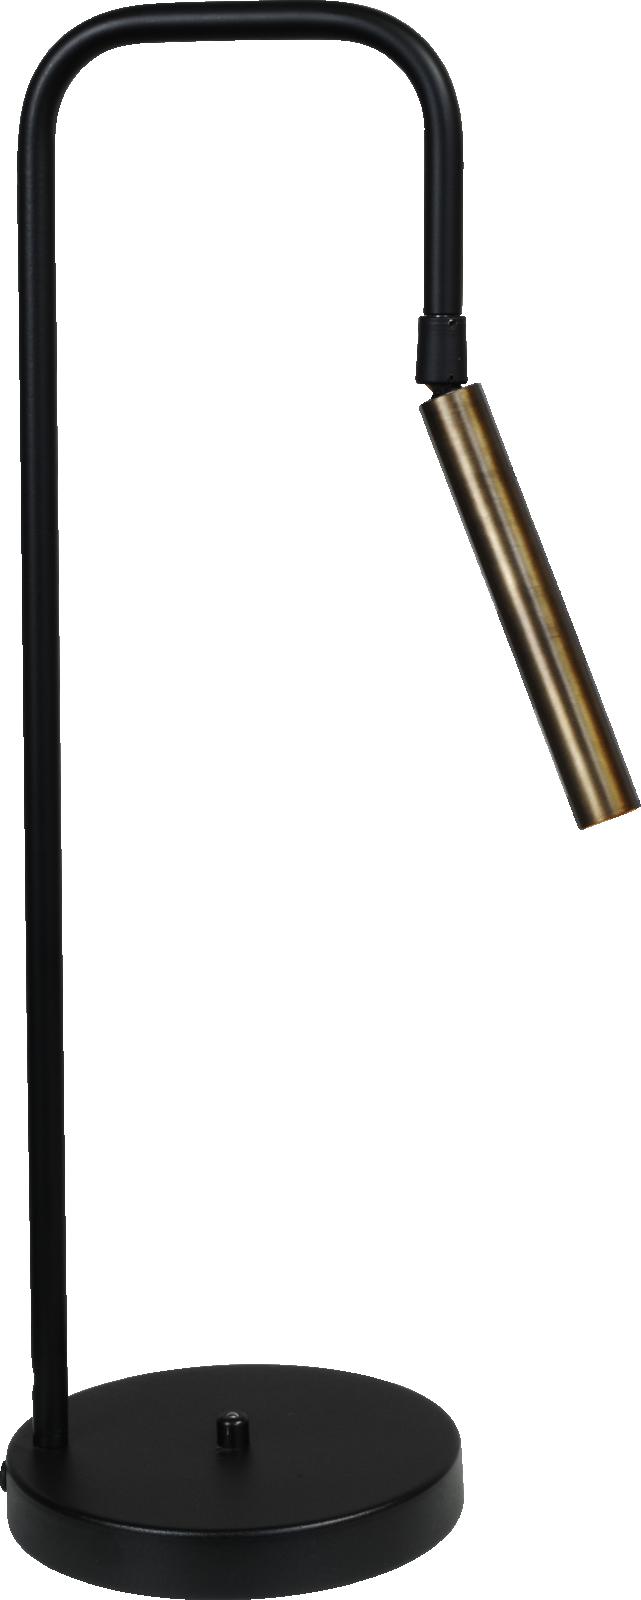 Flute TL FLUTE 1LTS BLACK/ANTIQUE BRASS H.52CM